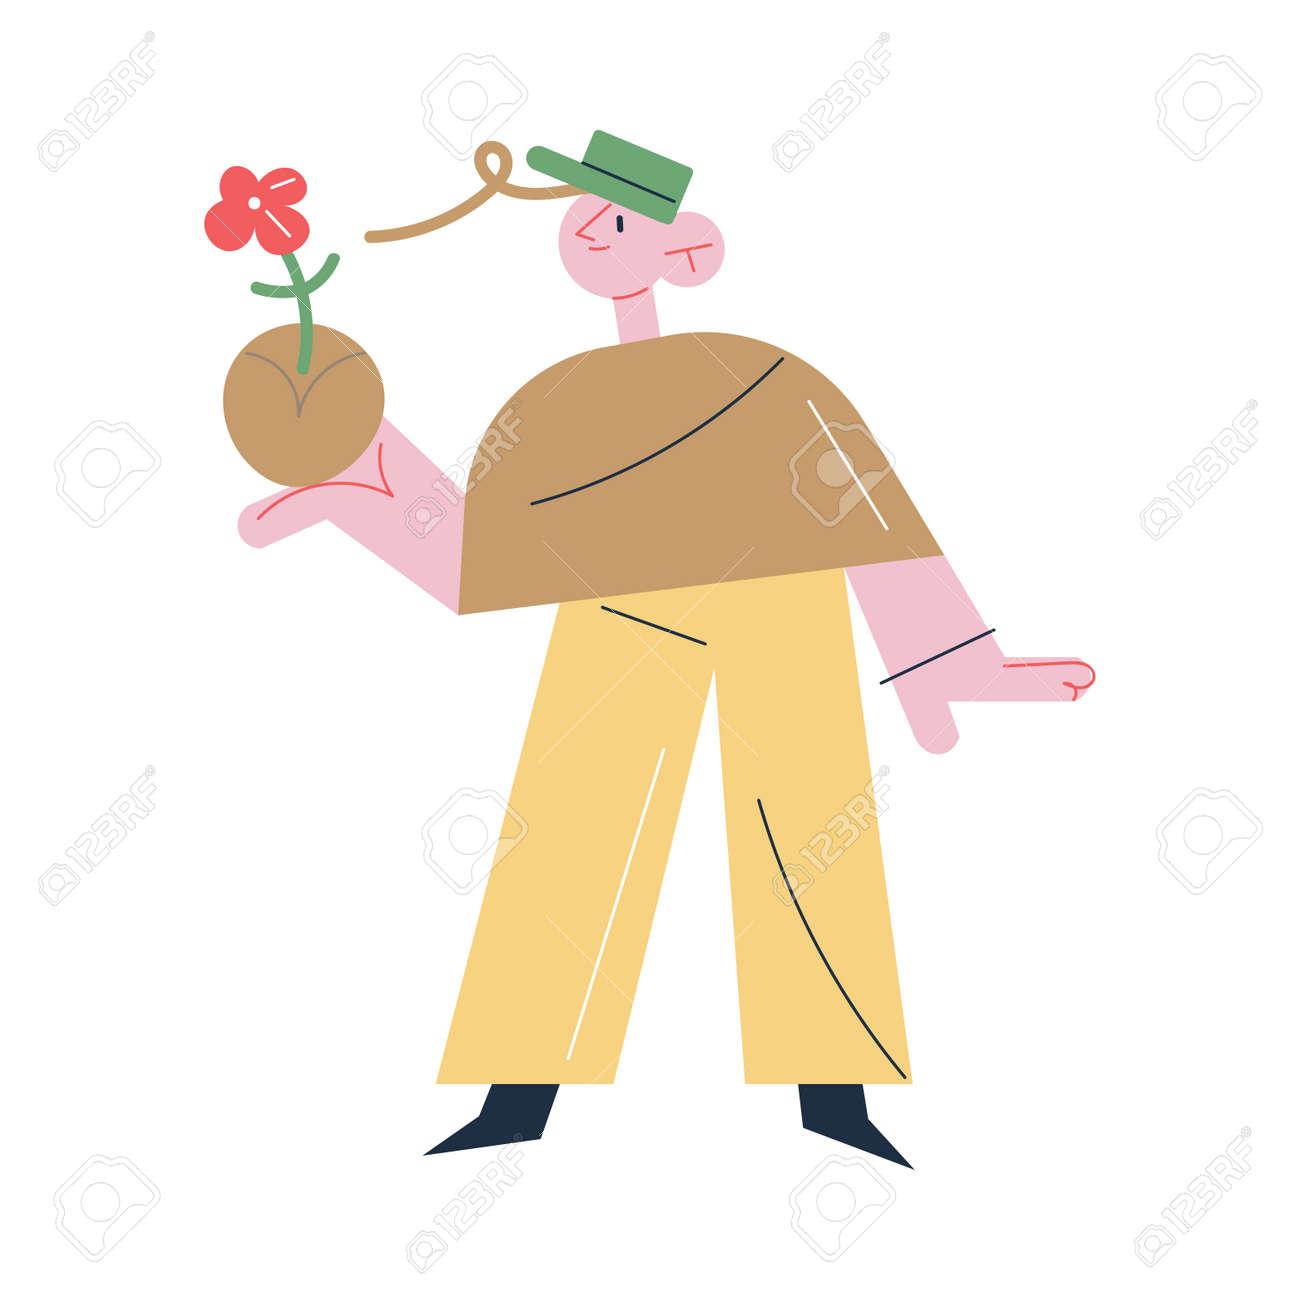 Man gardener standing and holding flower in soil in hand during gardening - 164873980